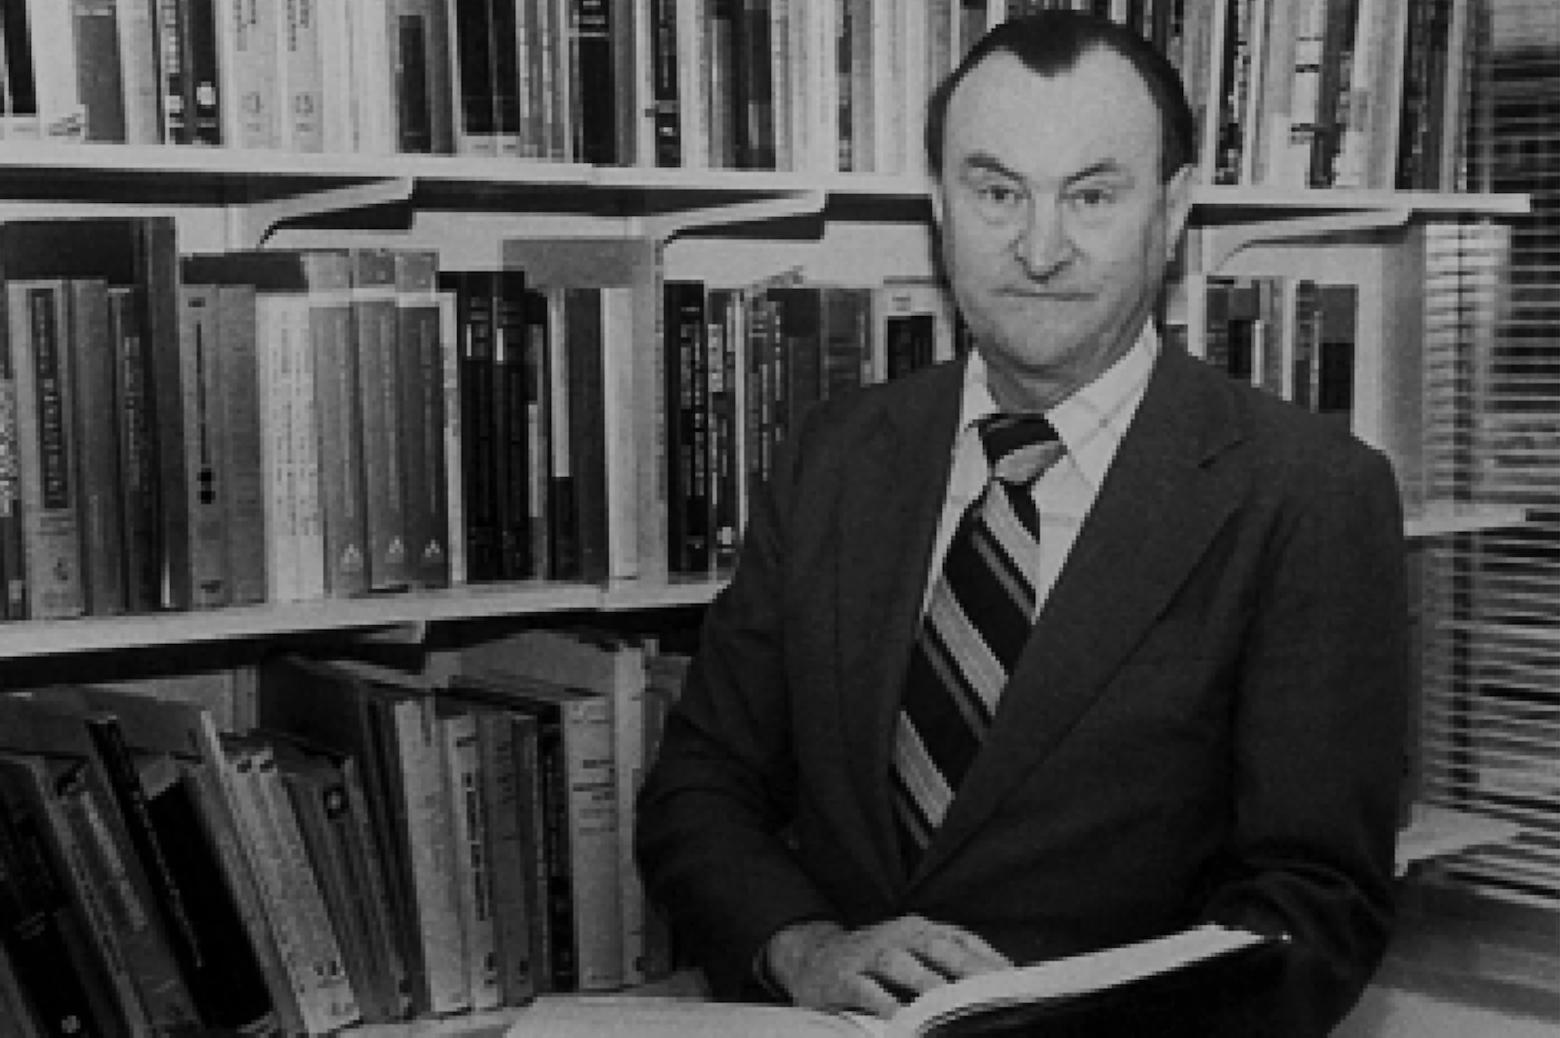 Portrait of Daniel Teichrow